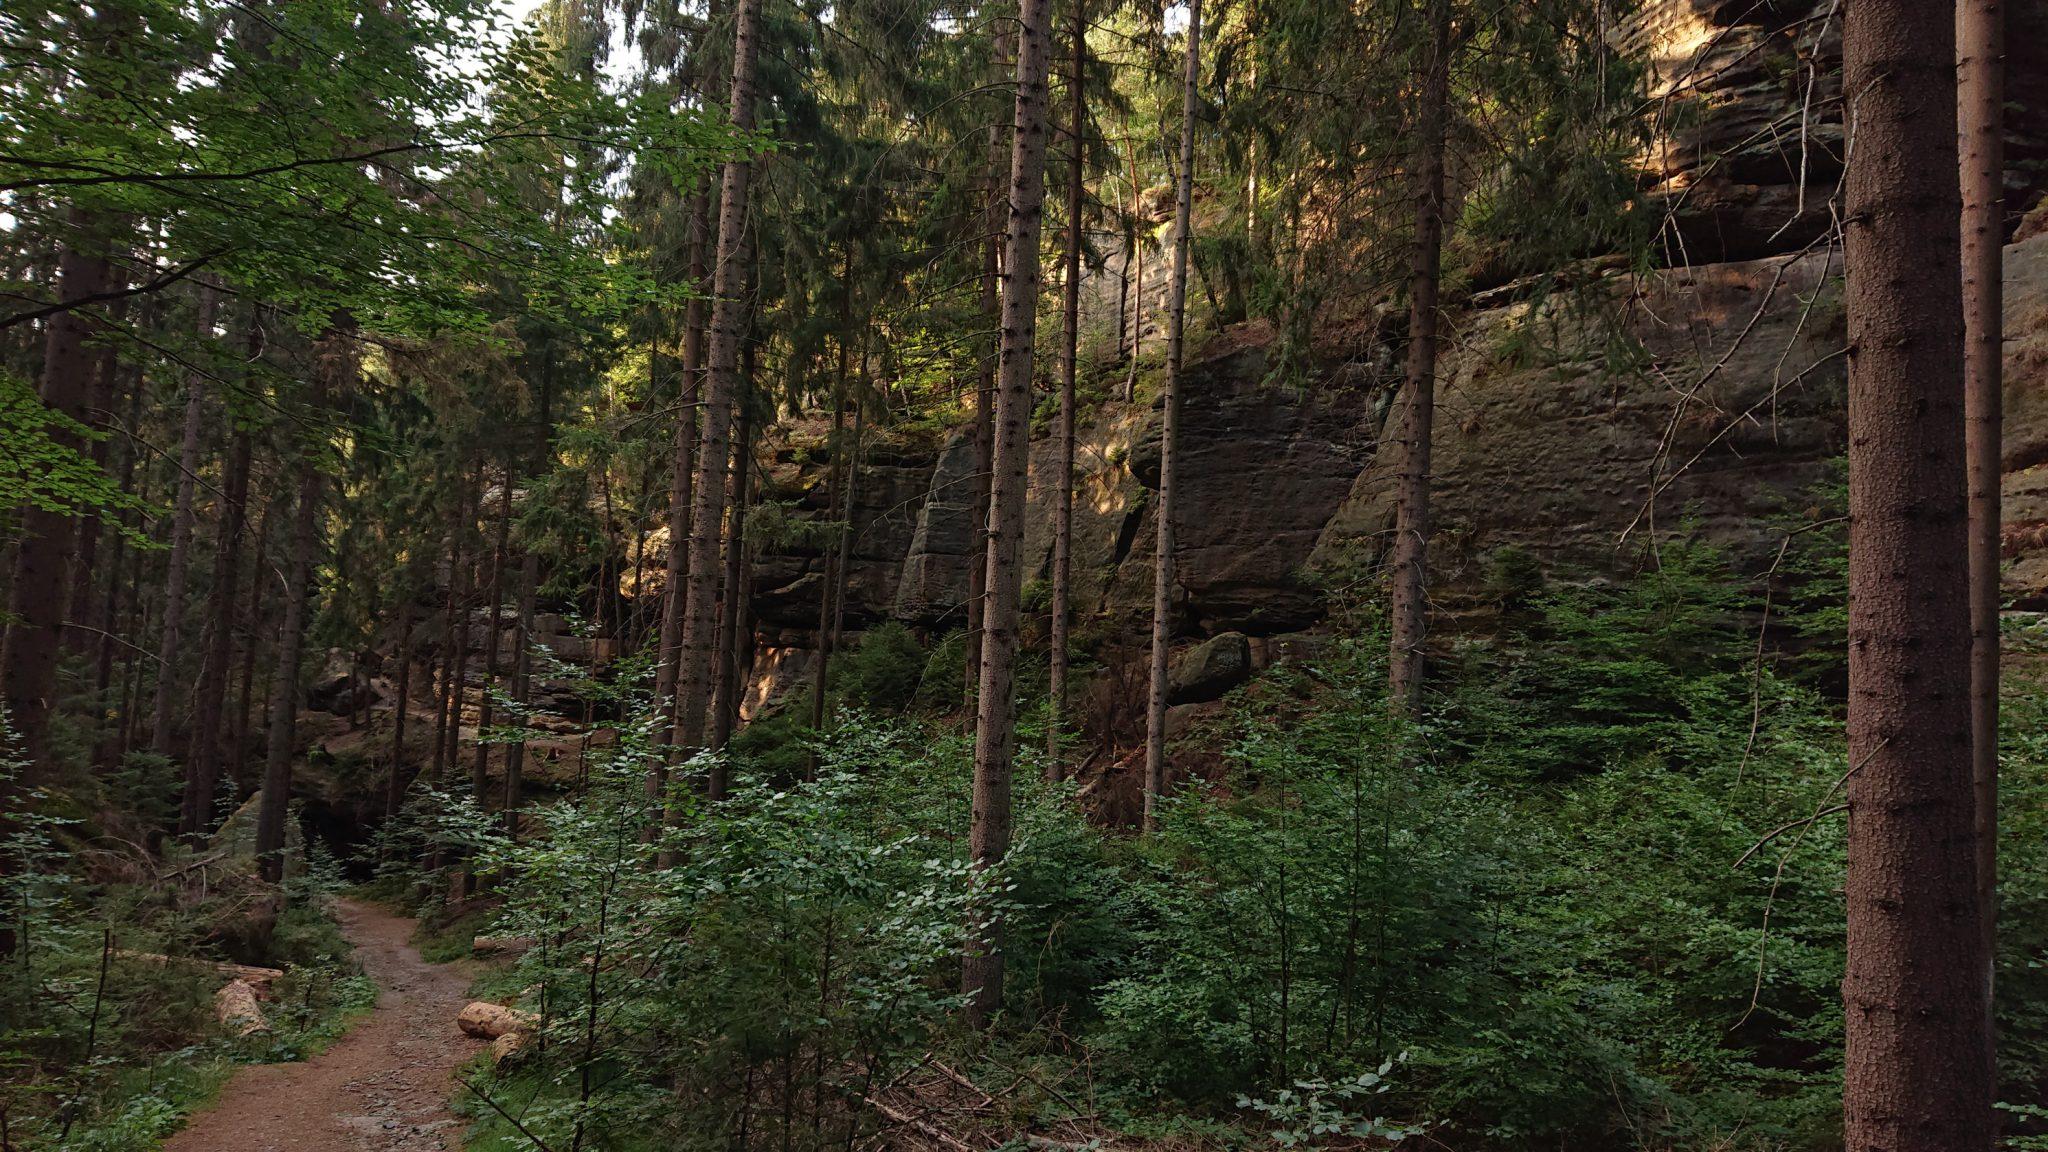 Hohe Liebe Schrammsteine Carolafelsen, Wanderweg im Wanderparadies Sächsische Schweiz mit vielen tollen Aussichten, riesiger Felsennationalpark, schöne naturbelassene Wege